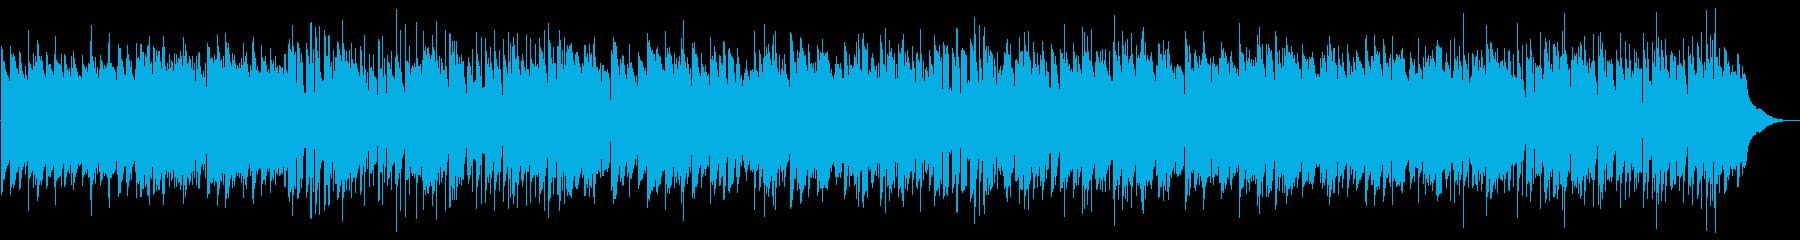 ほのぼのとのんびり、カントリーポップの再生済みの波形